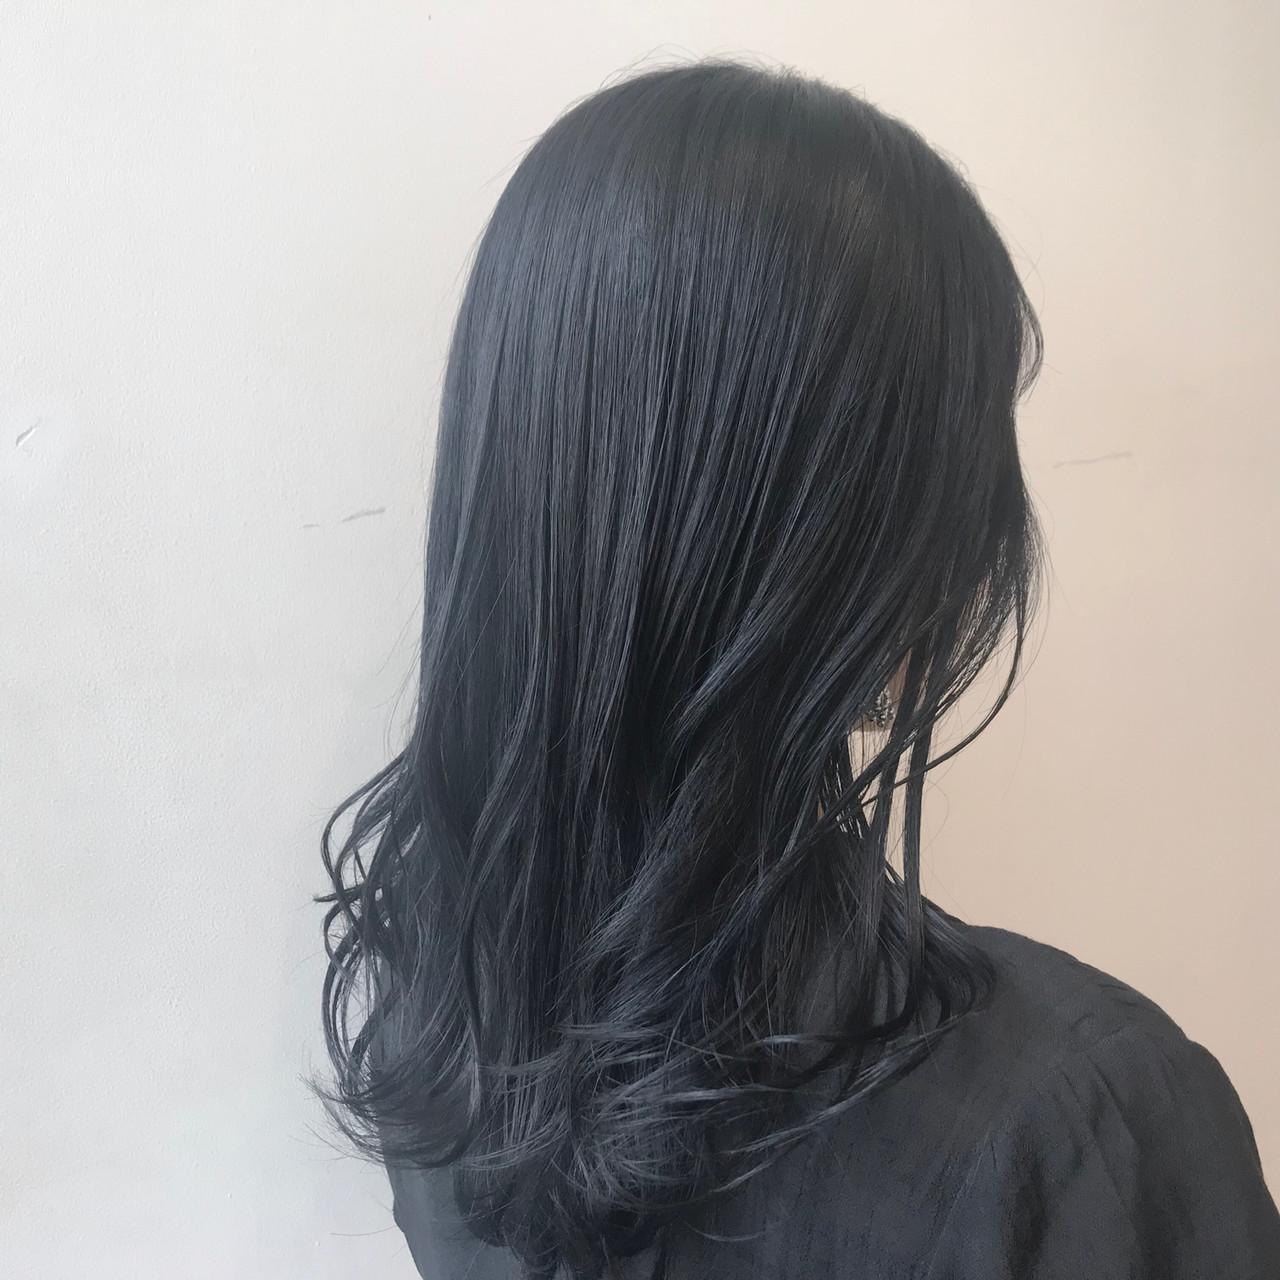 ブルーブラック 黒髪 透明感カラー ブリーチなしヘアスタイルや髪型の写真・画像